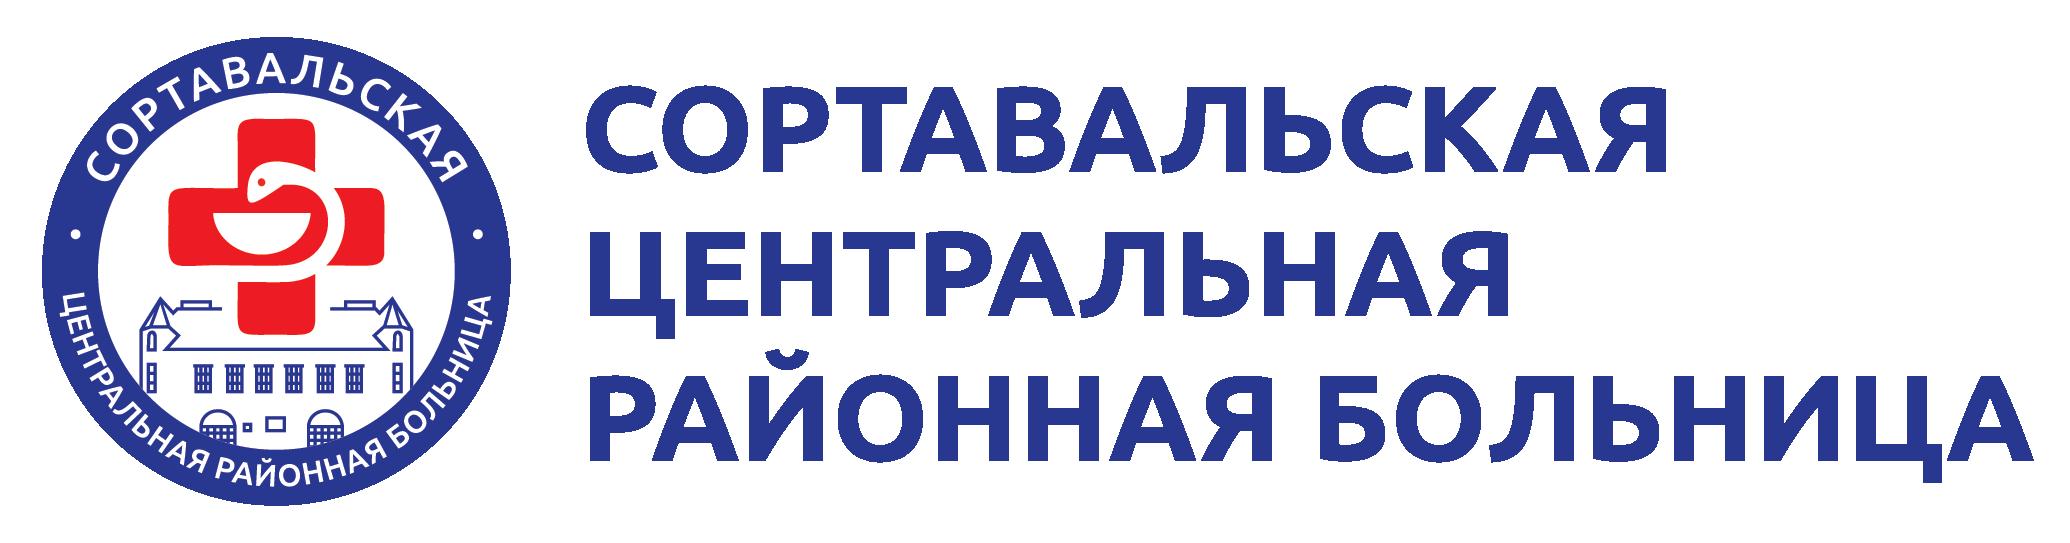 Сортавальская ЦРБ